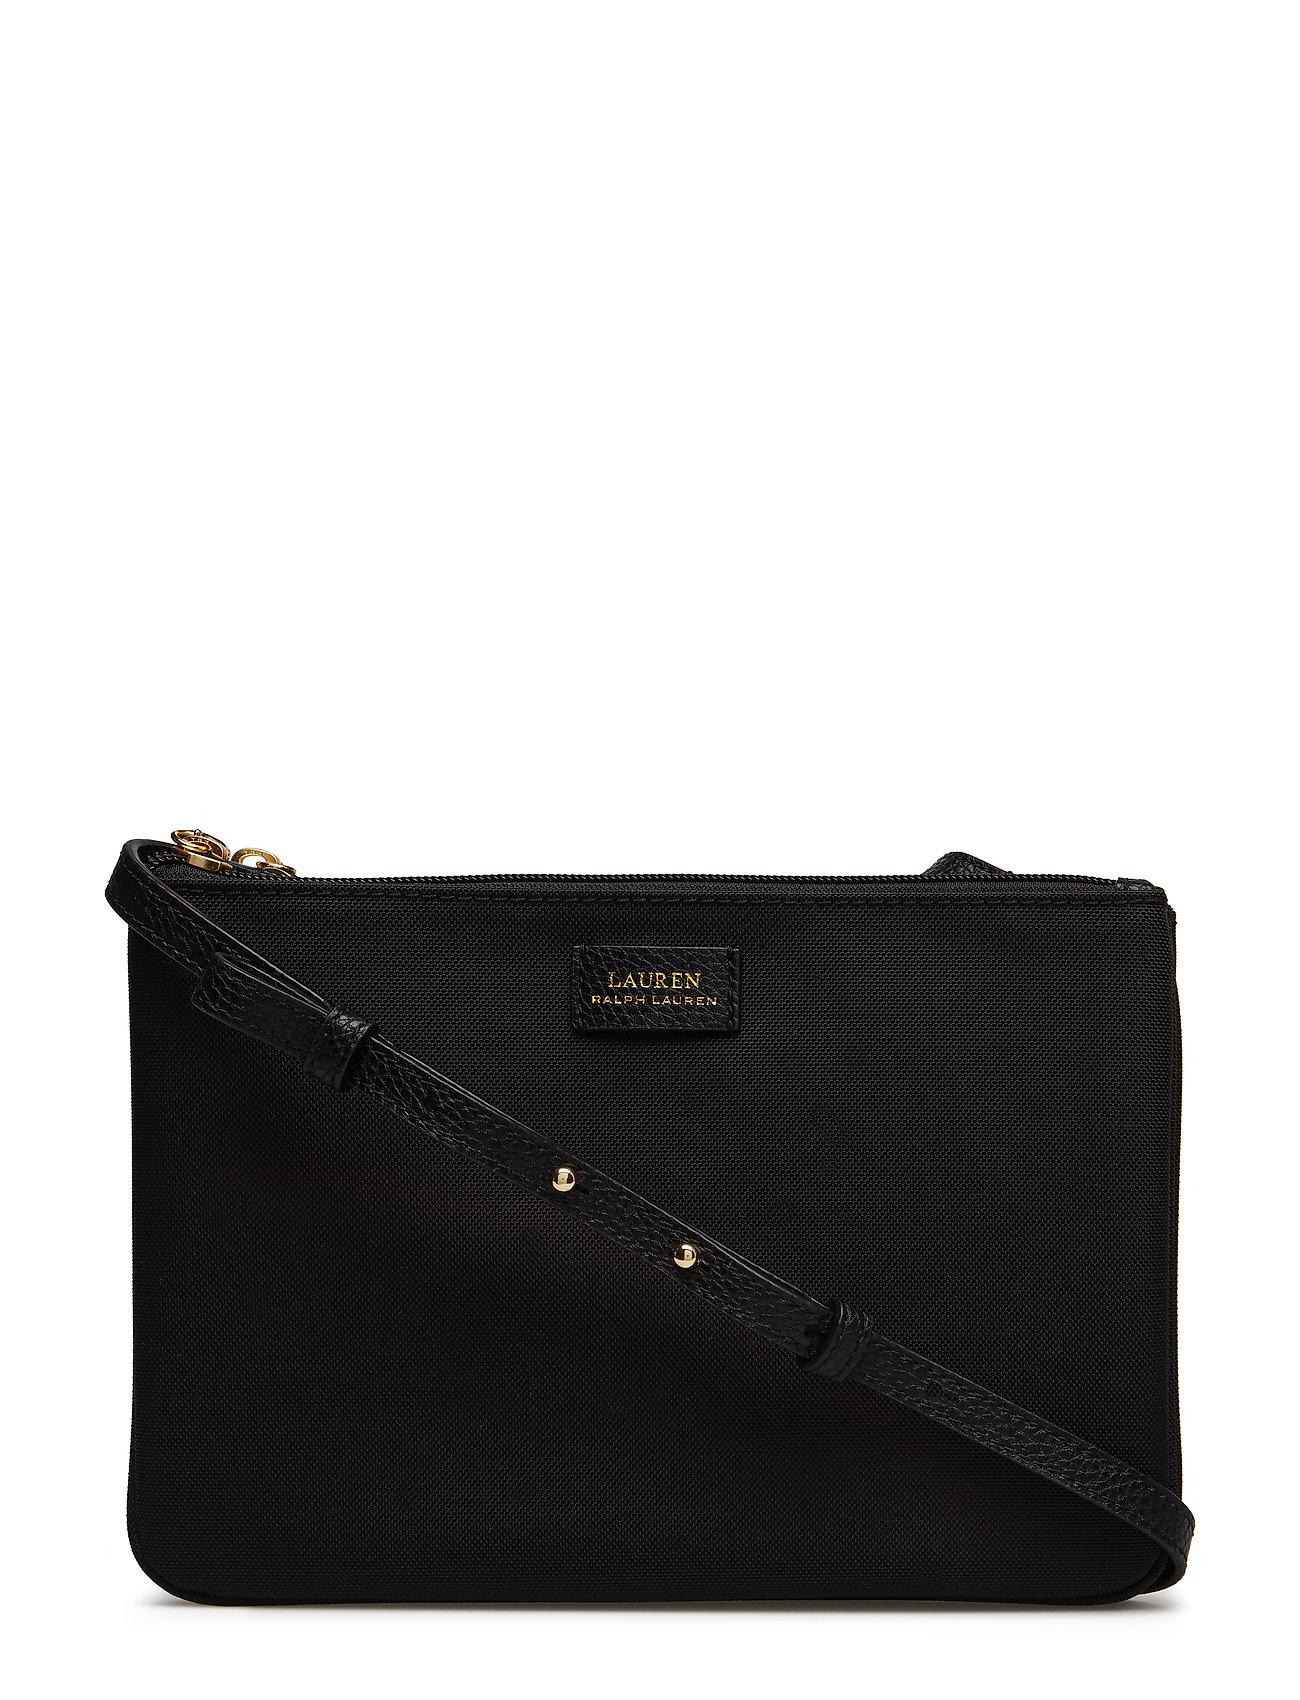 Lauren Ralph Lauren Nylon Crossbody Bag